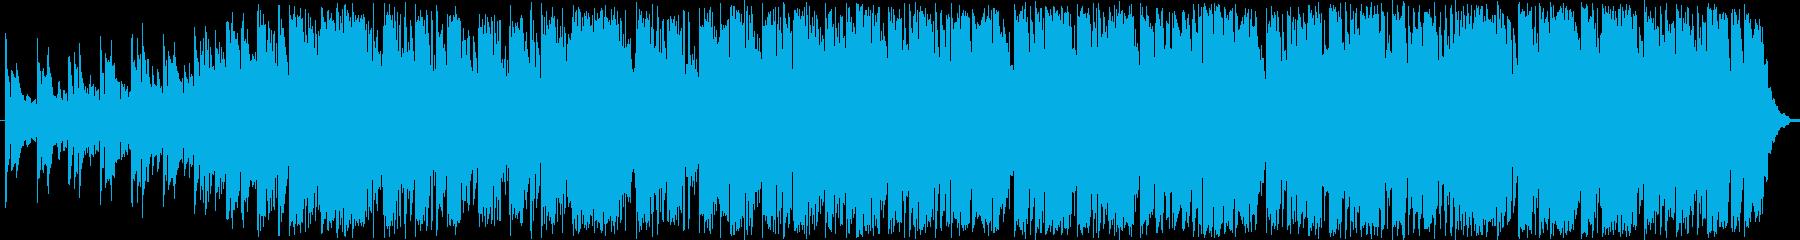 エレクトロ 静か エキゾチック 気...の再生済みの波形